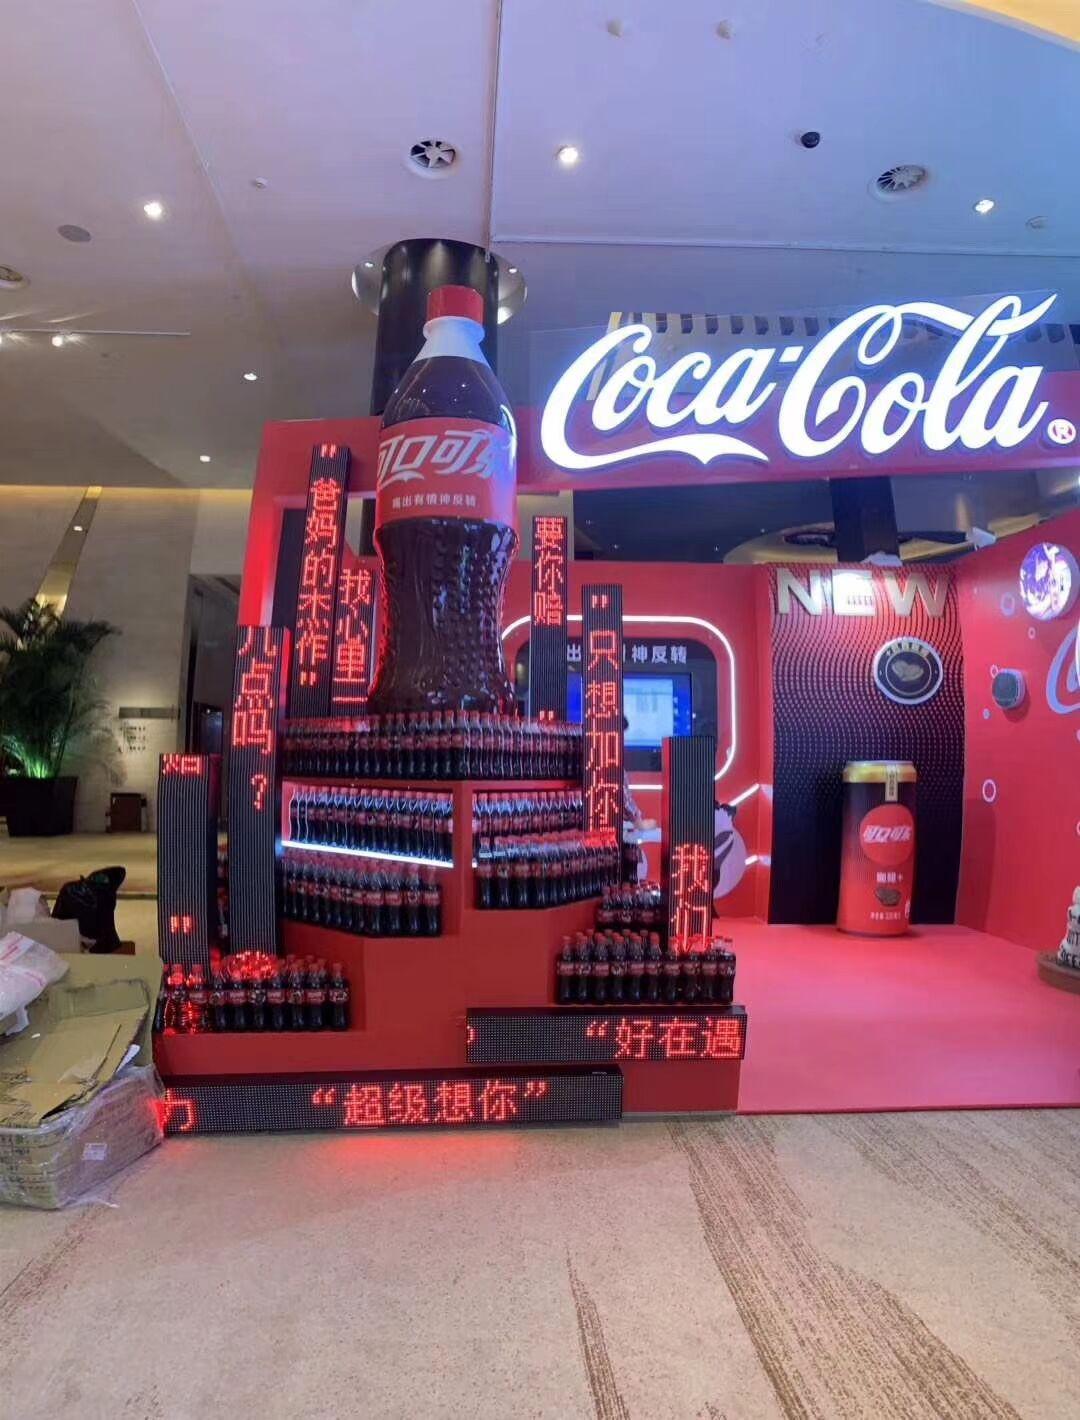 可口可乐设计策划